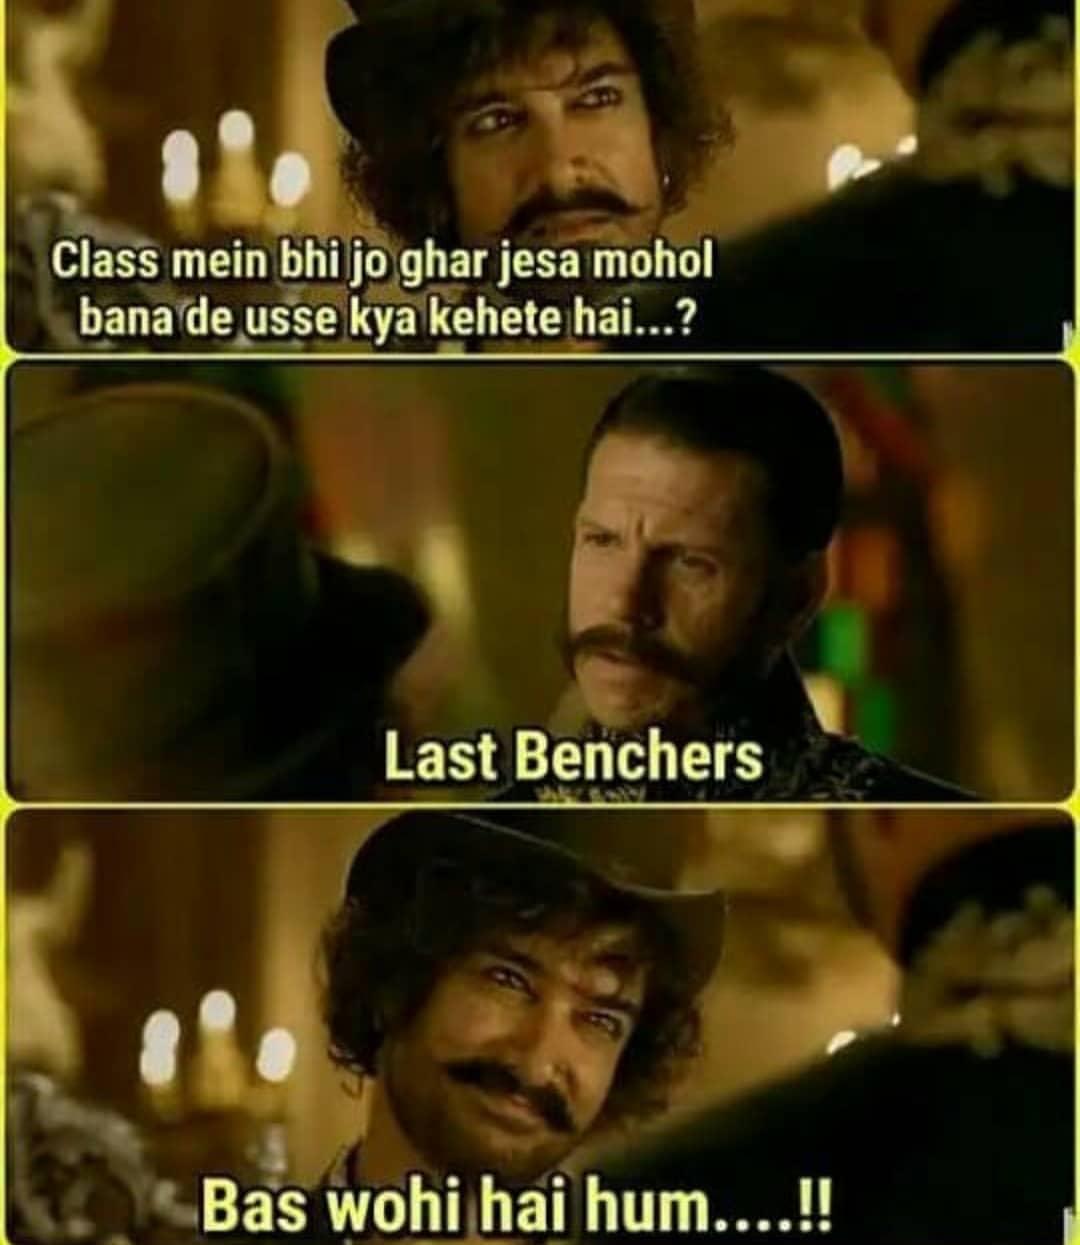 Last benchers bas wohi hai hum meme hindi memes